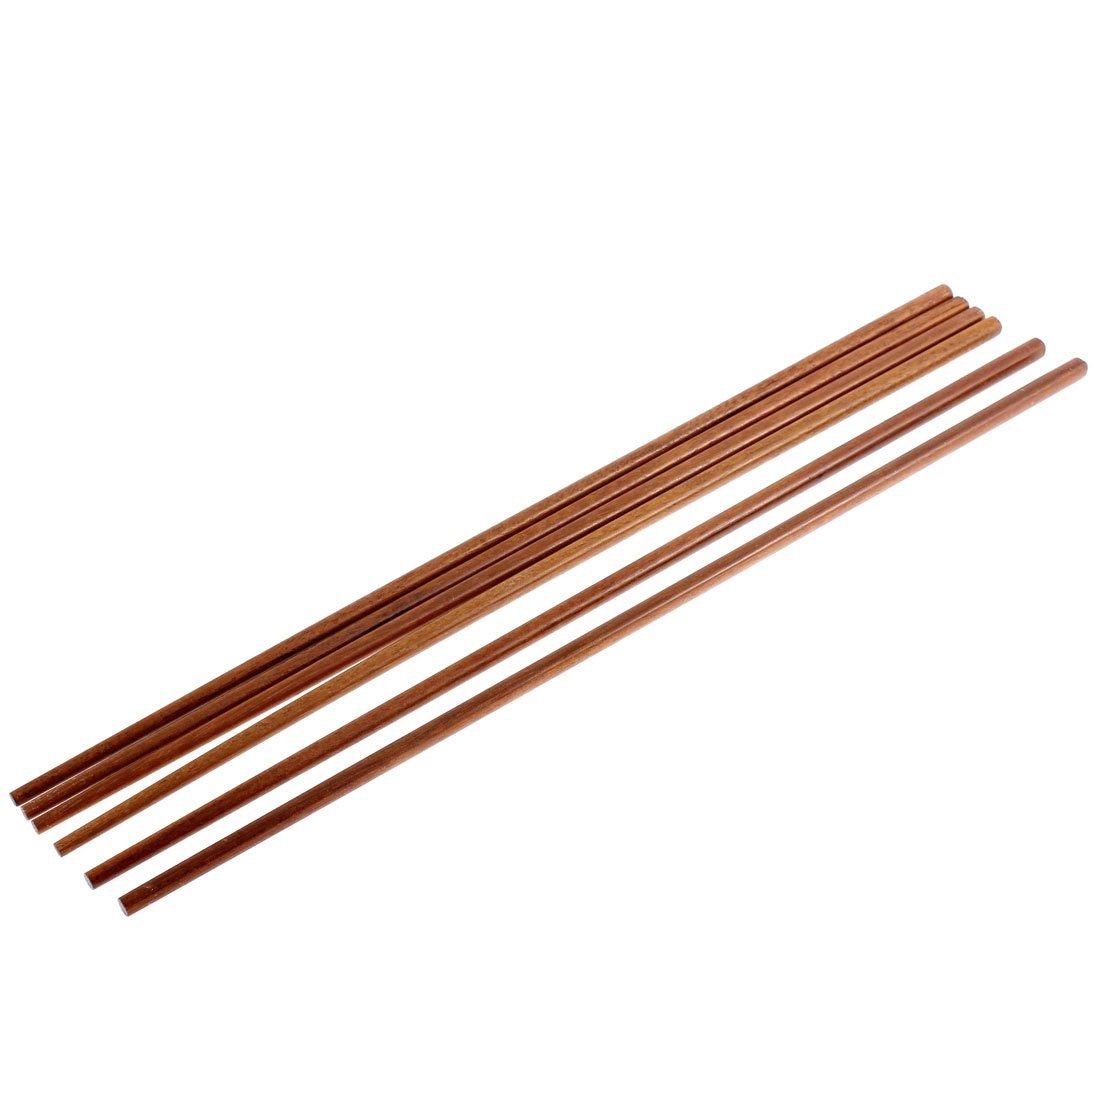 DealMux Holz Nudeln Kochen Stäbchen 16,5 Zoll Länge 3 Paare Brown